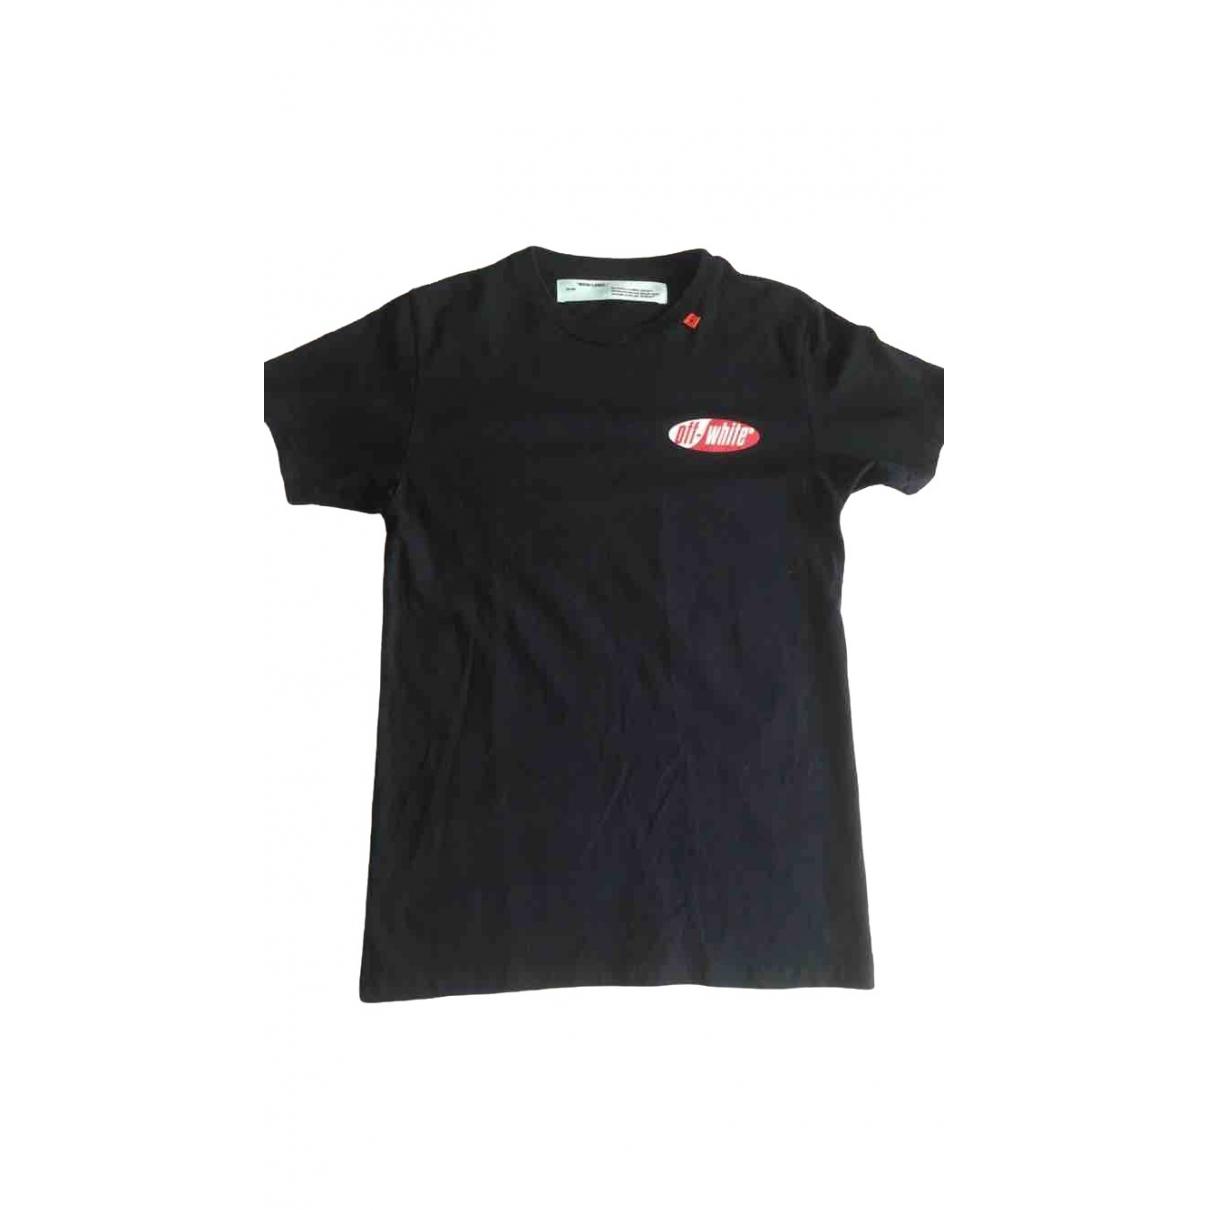 Off-white - Tee shirts   pour homme en coton - noir